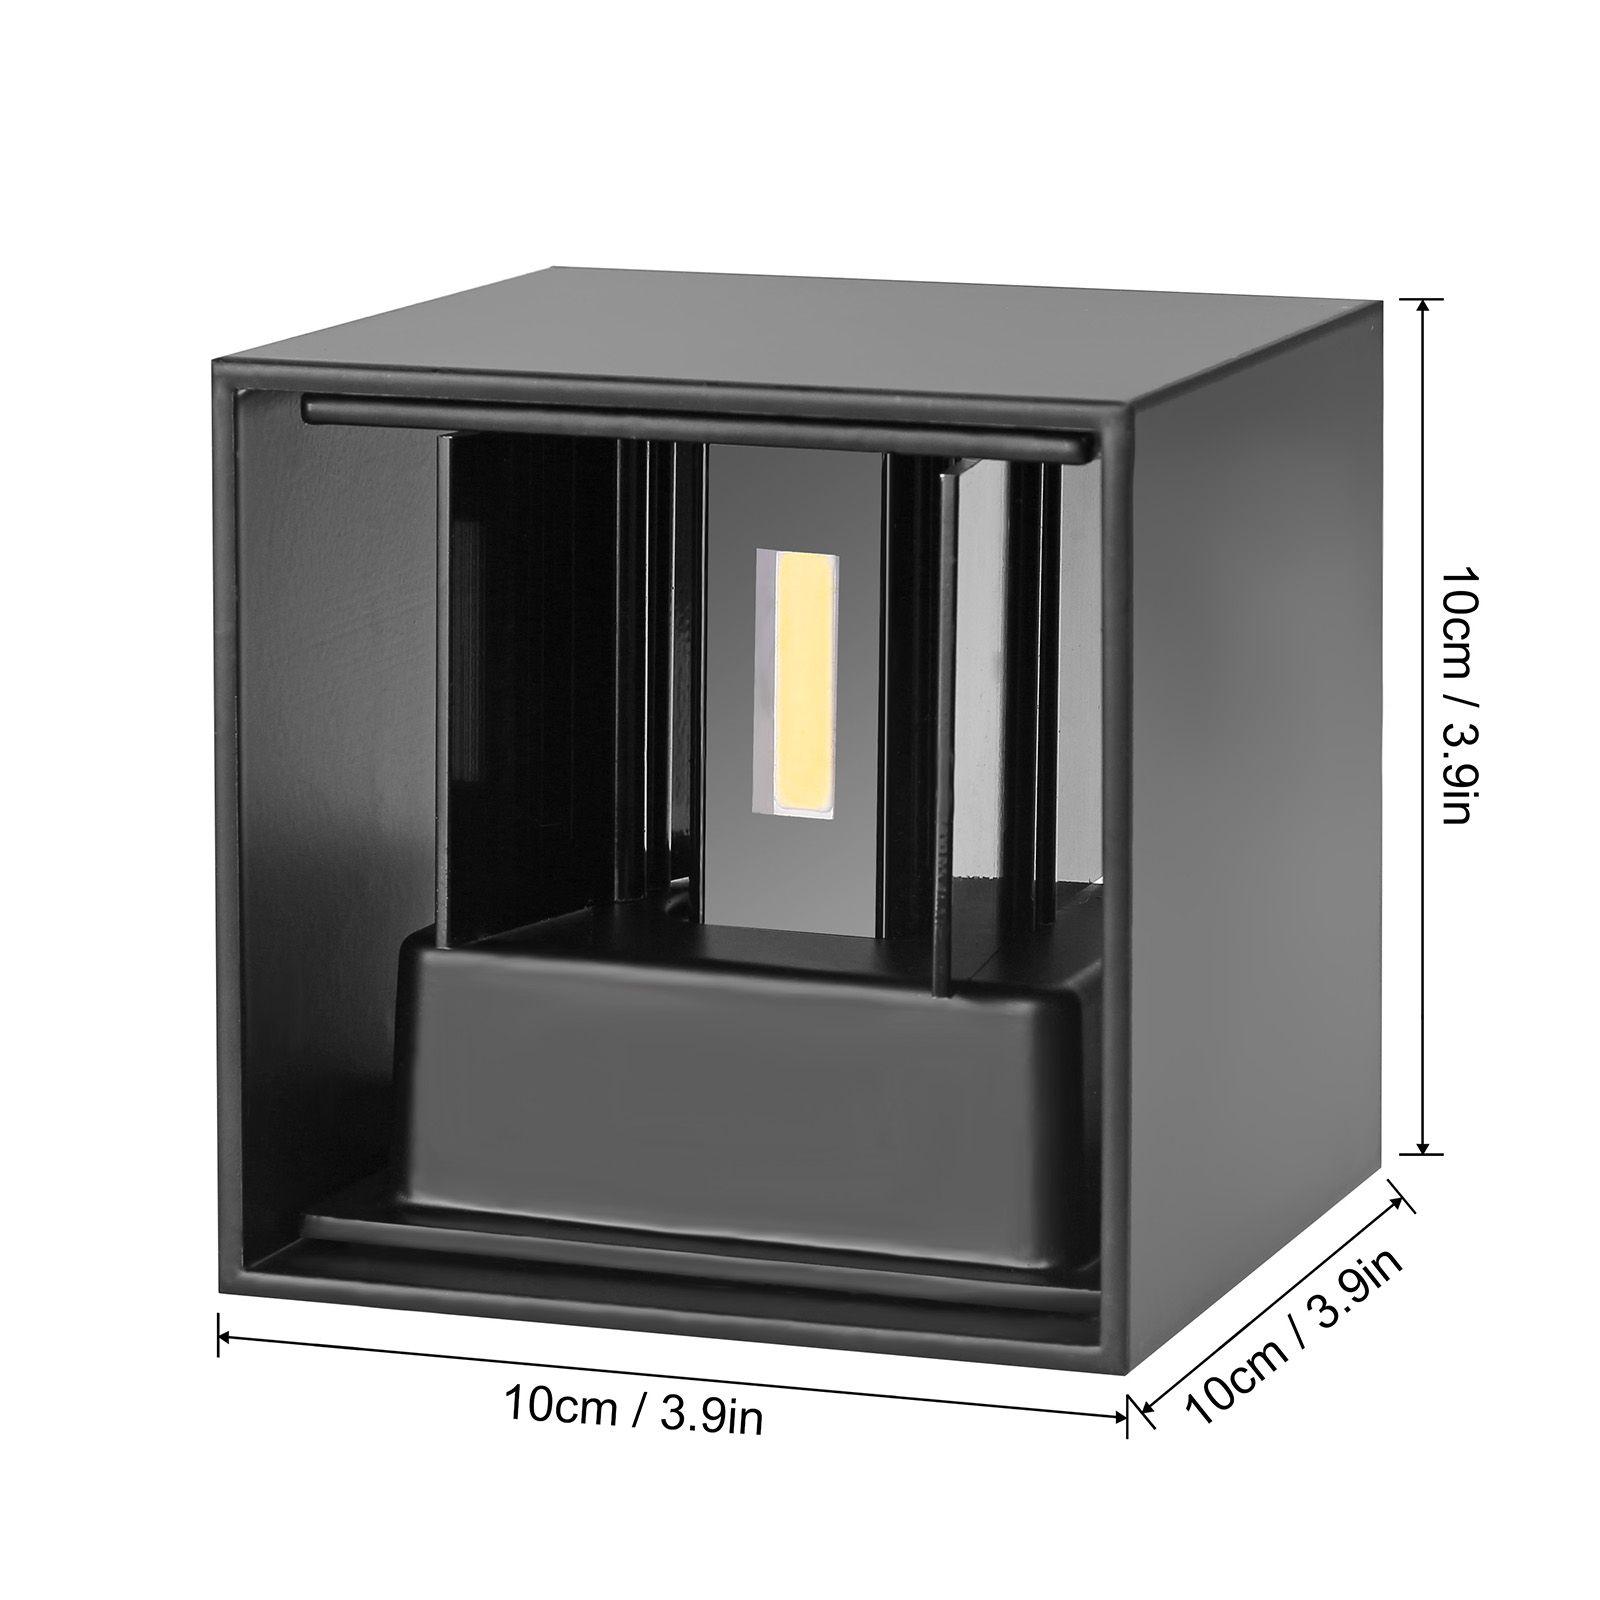 7W LED Lampada de alumínio Wall Light Waterproof COB LED Lâmpada Wall Light Modern Home iluminação interior decoração ao ar livre 220V AC